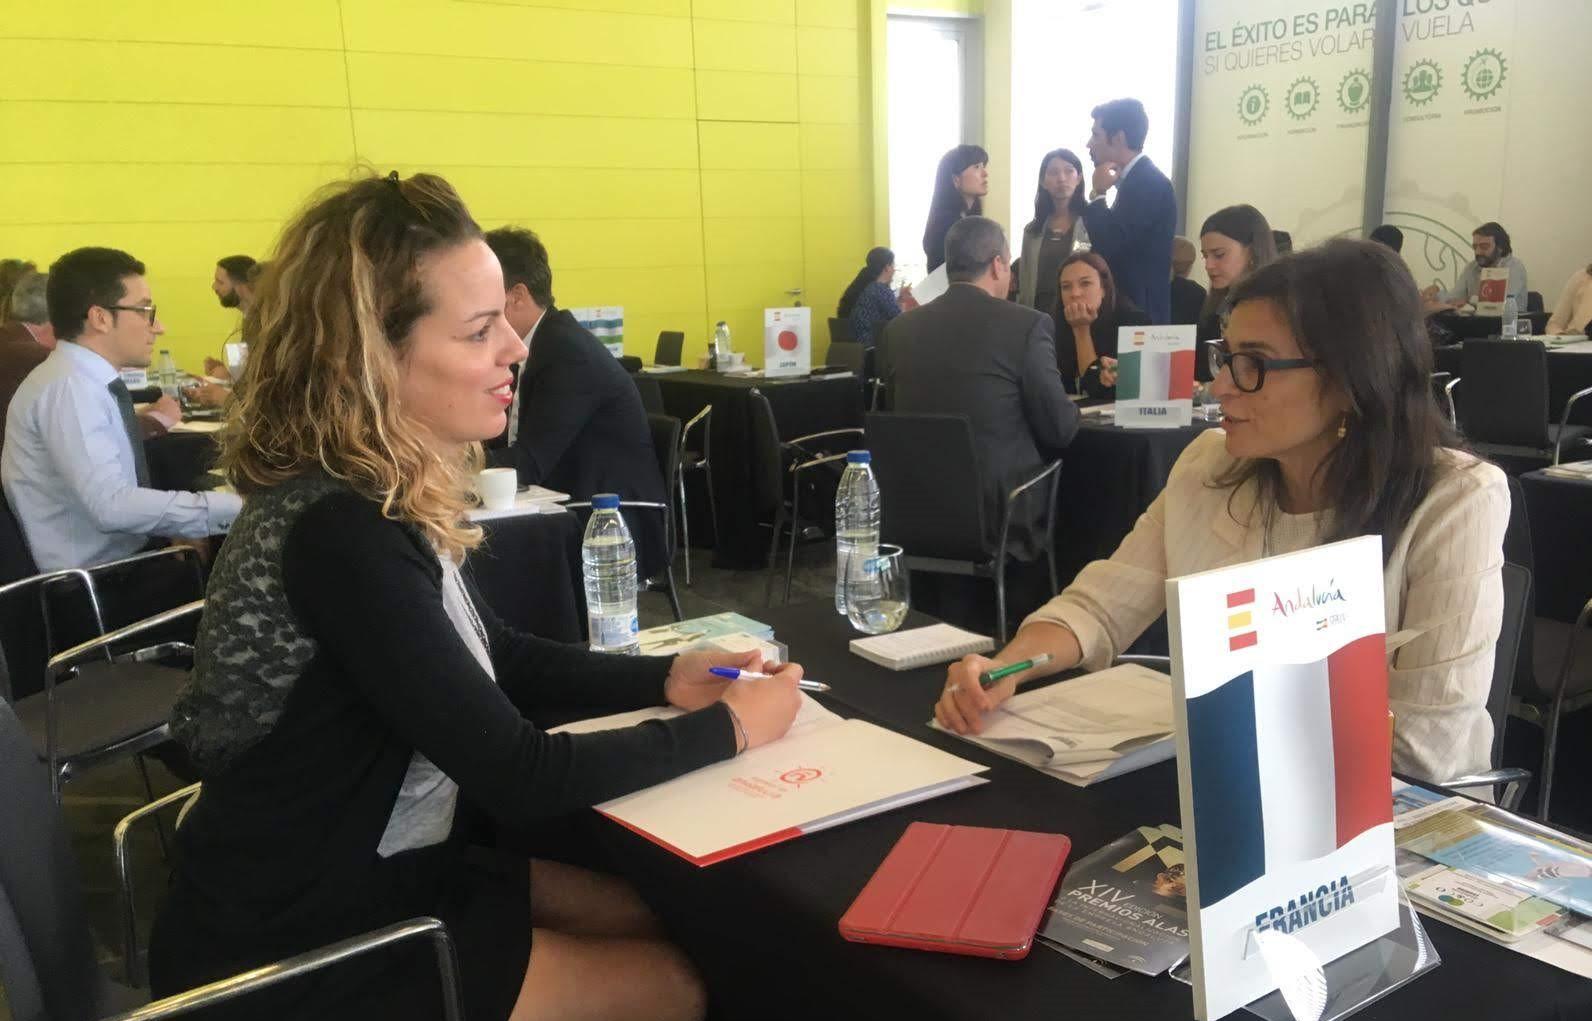 Participación de EEA en IMEX, Impulso Exterior Andalucía 2018